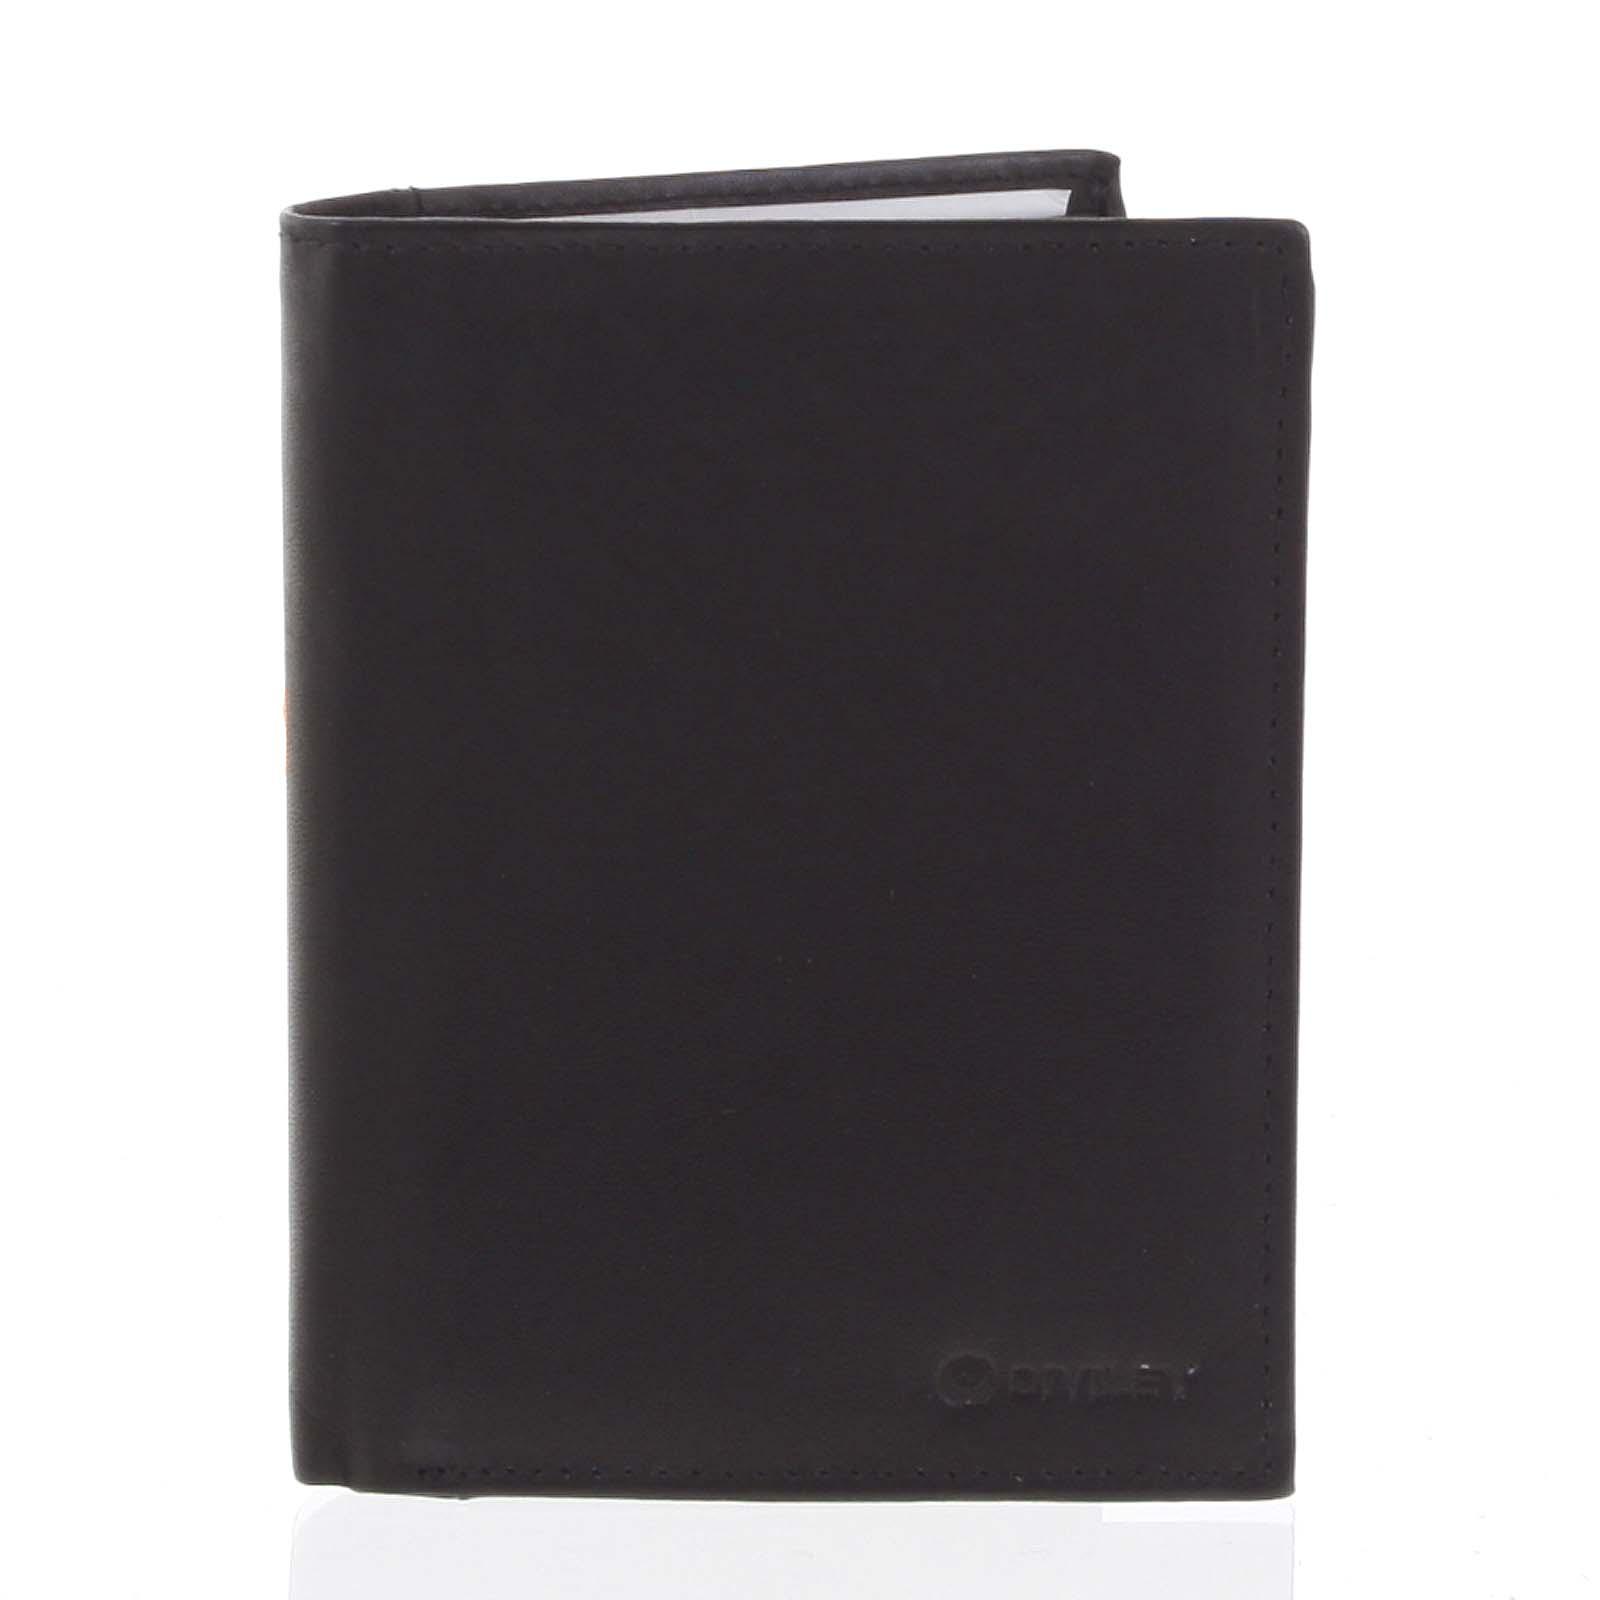 Pánska pevná kožená peňaženka čierna - Diviley Kainat čierna